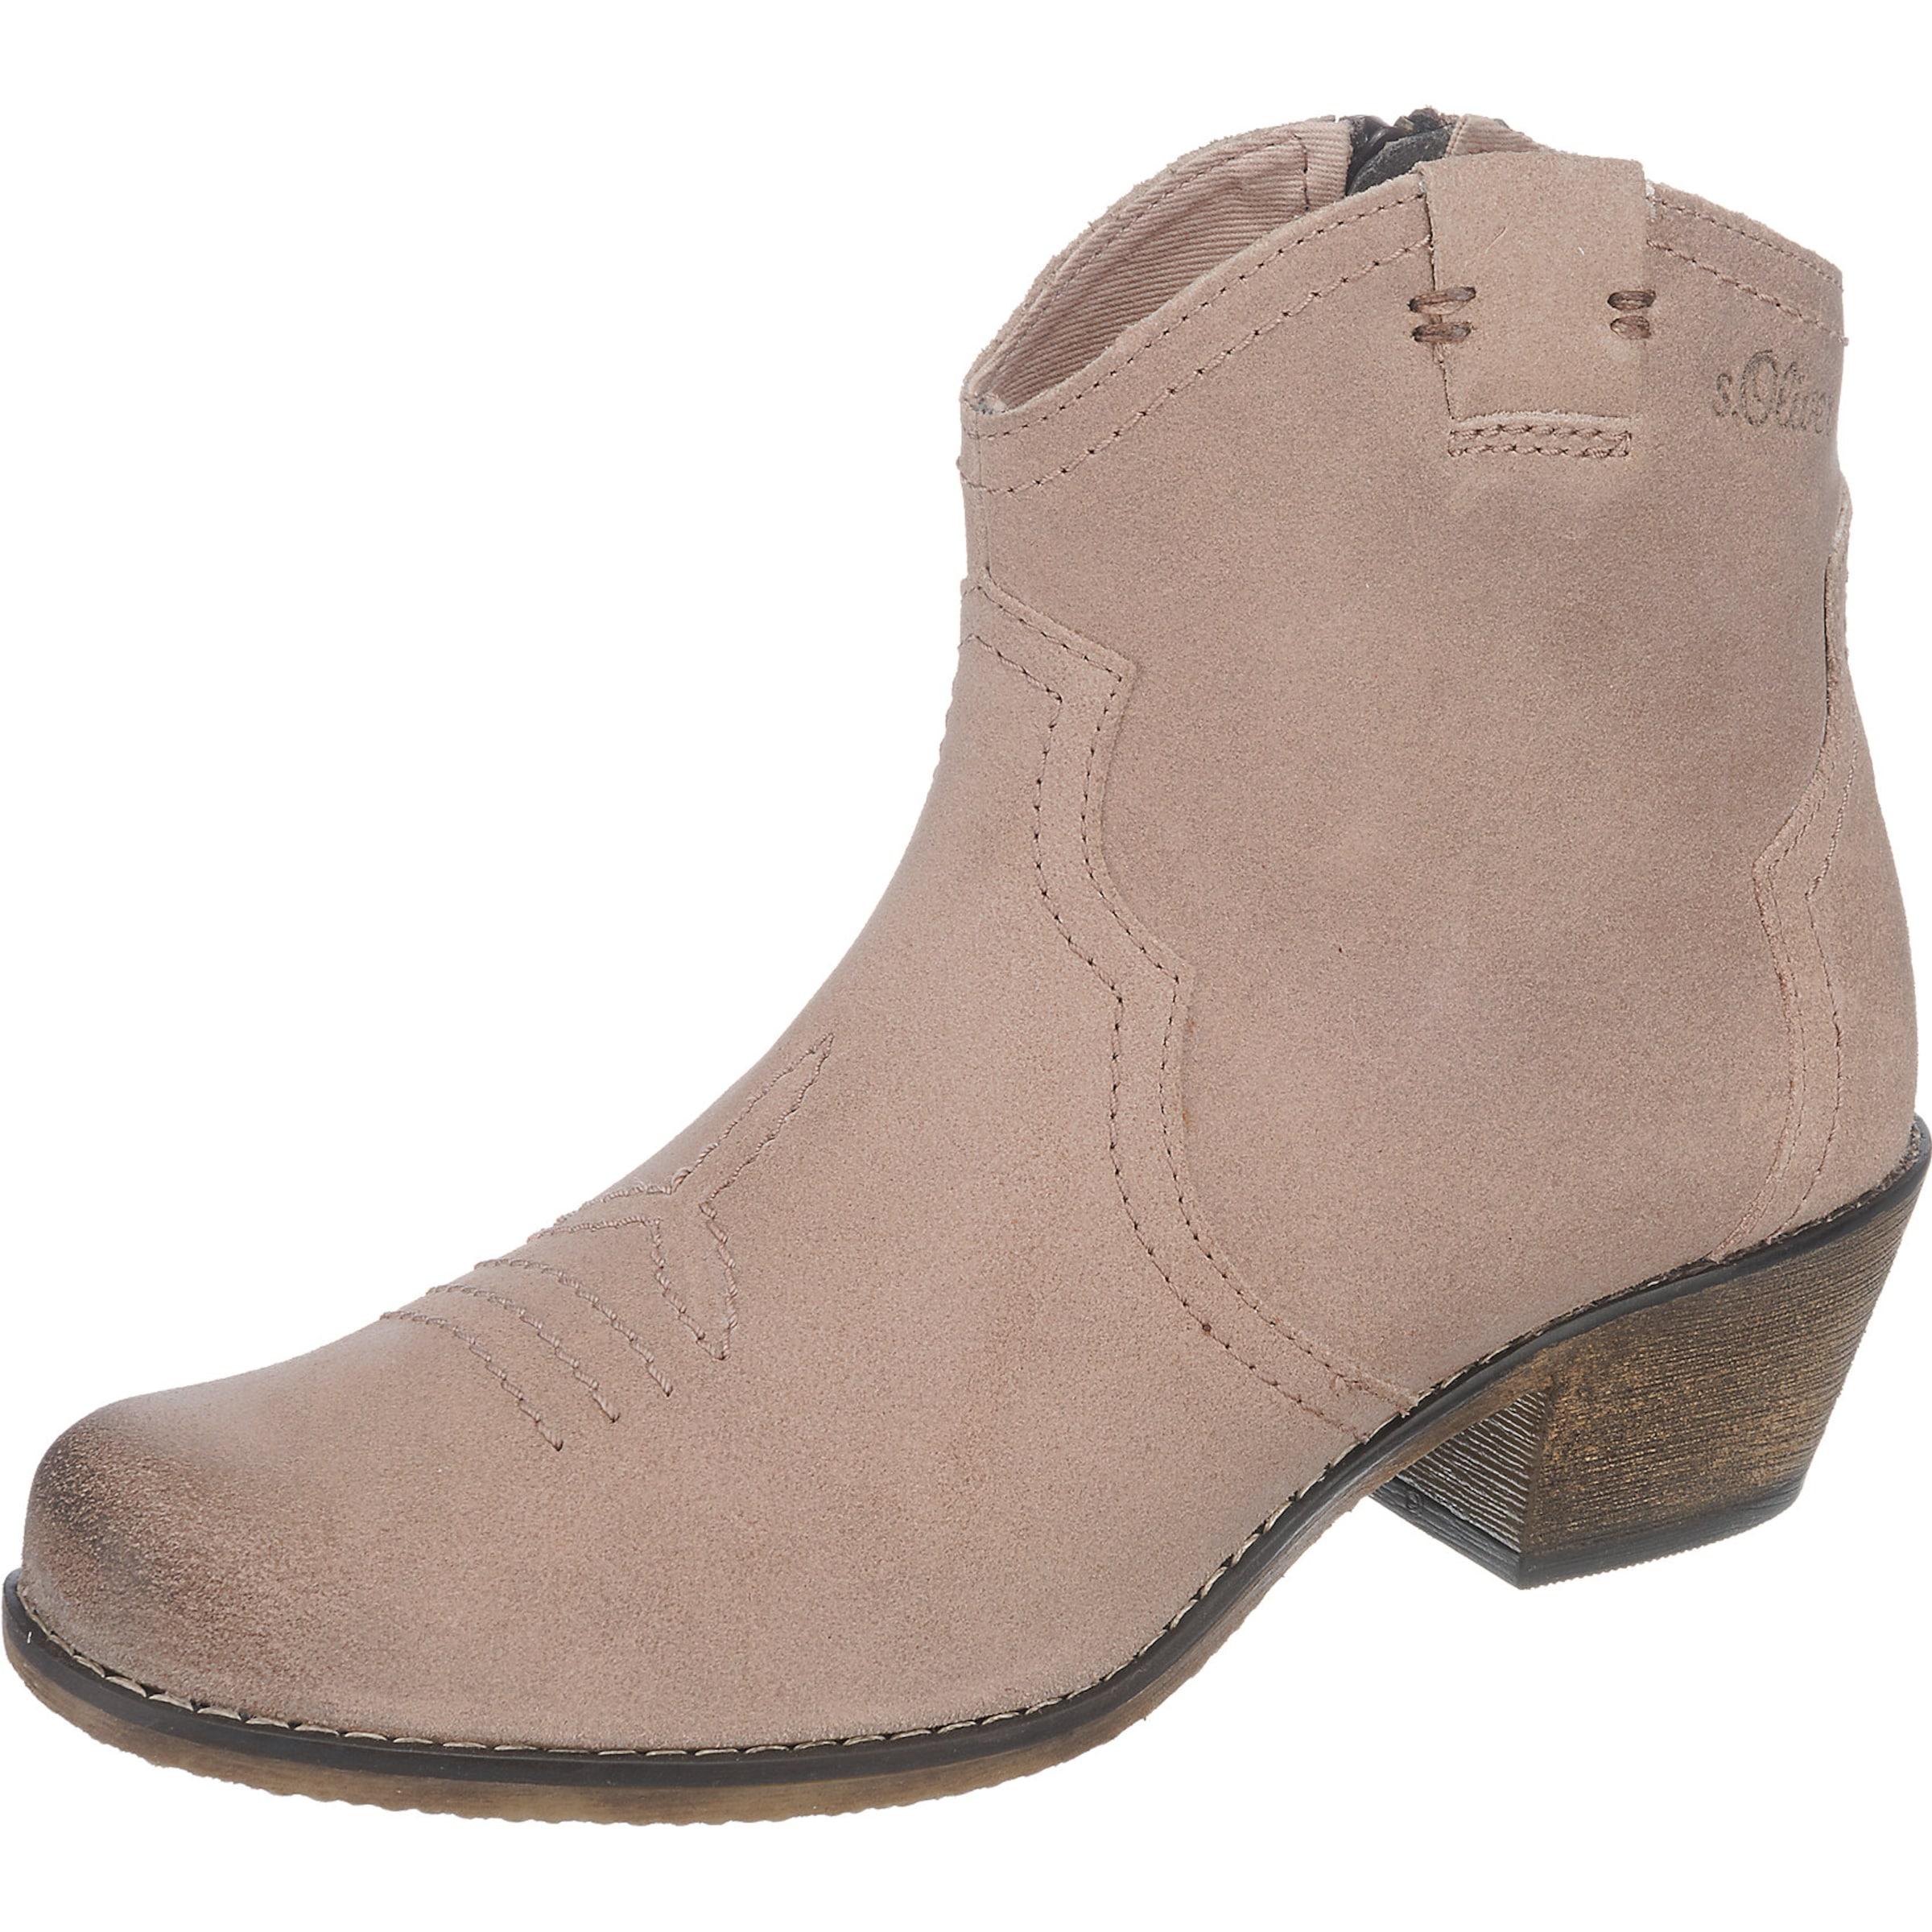 s.Oliver RED LABEL Westernstiefelette Verschleißfeste billige Schuhe